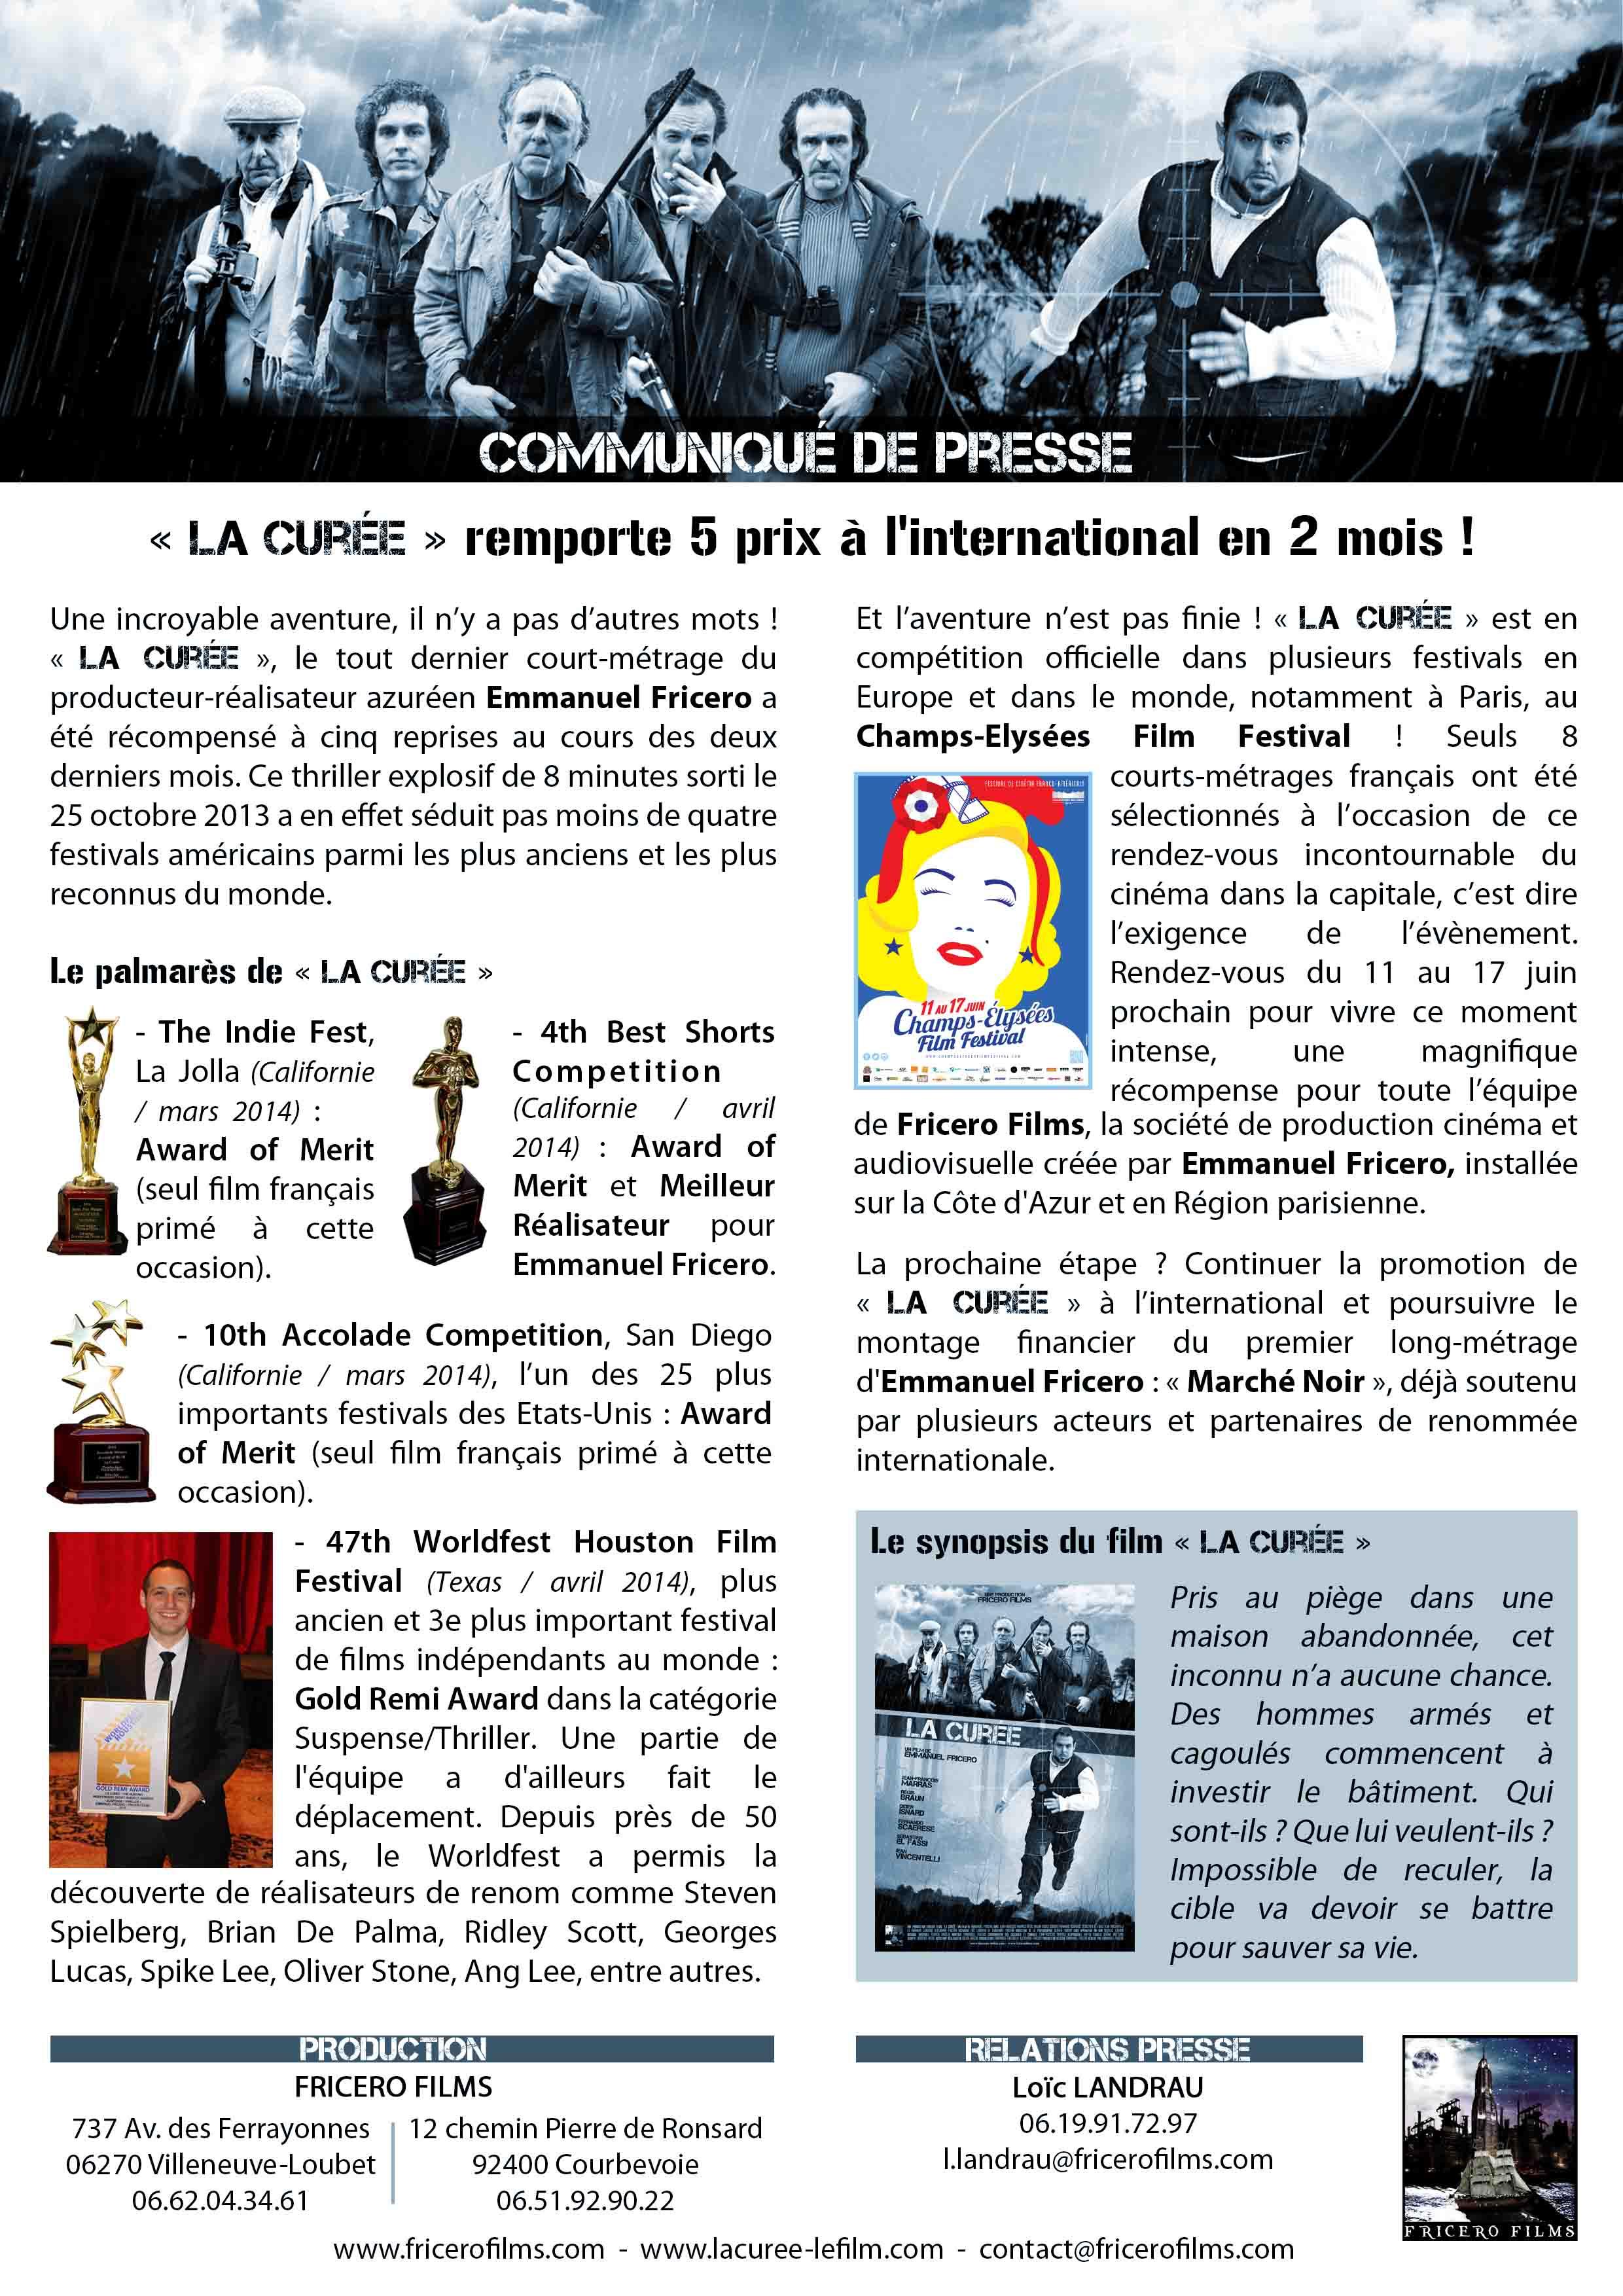 CommuniqueDePresse_06-05-14_LaCureesd